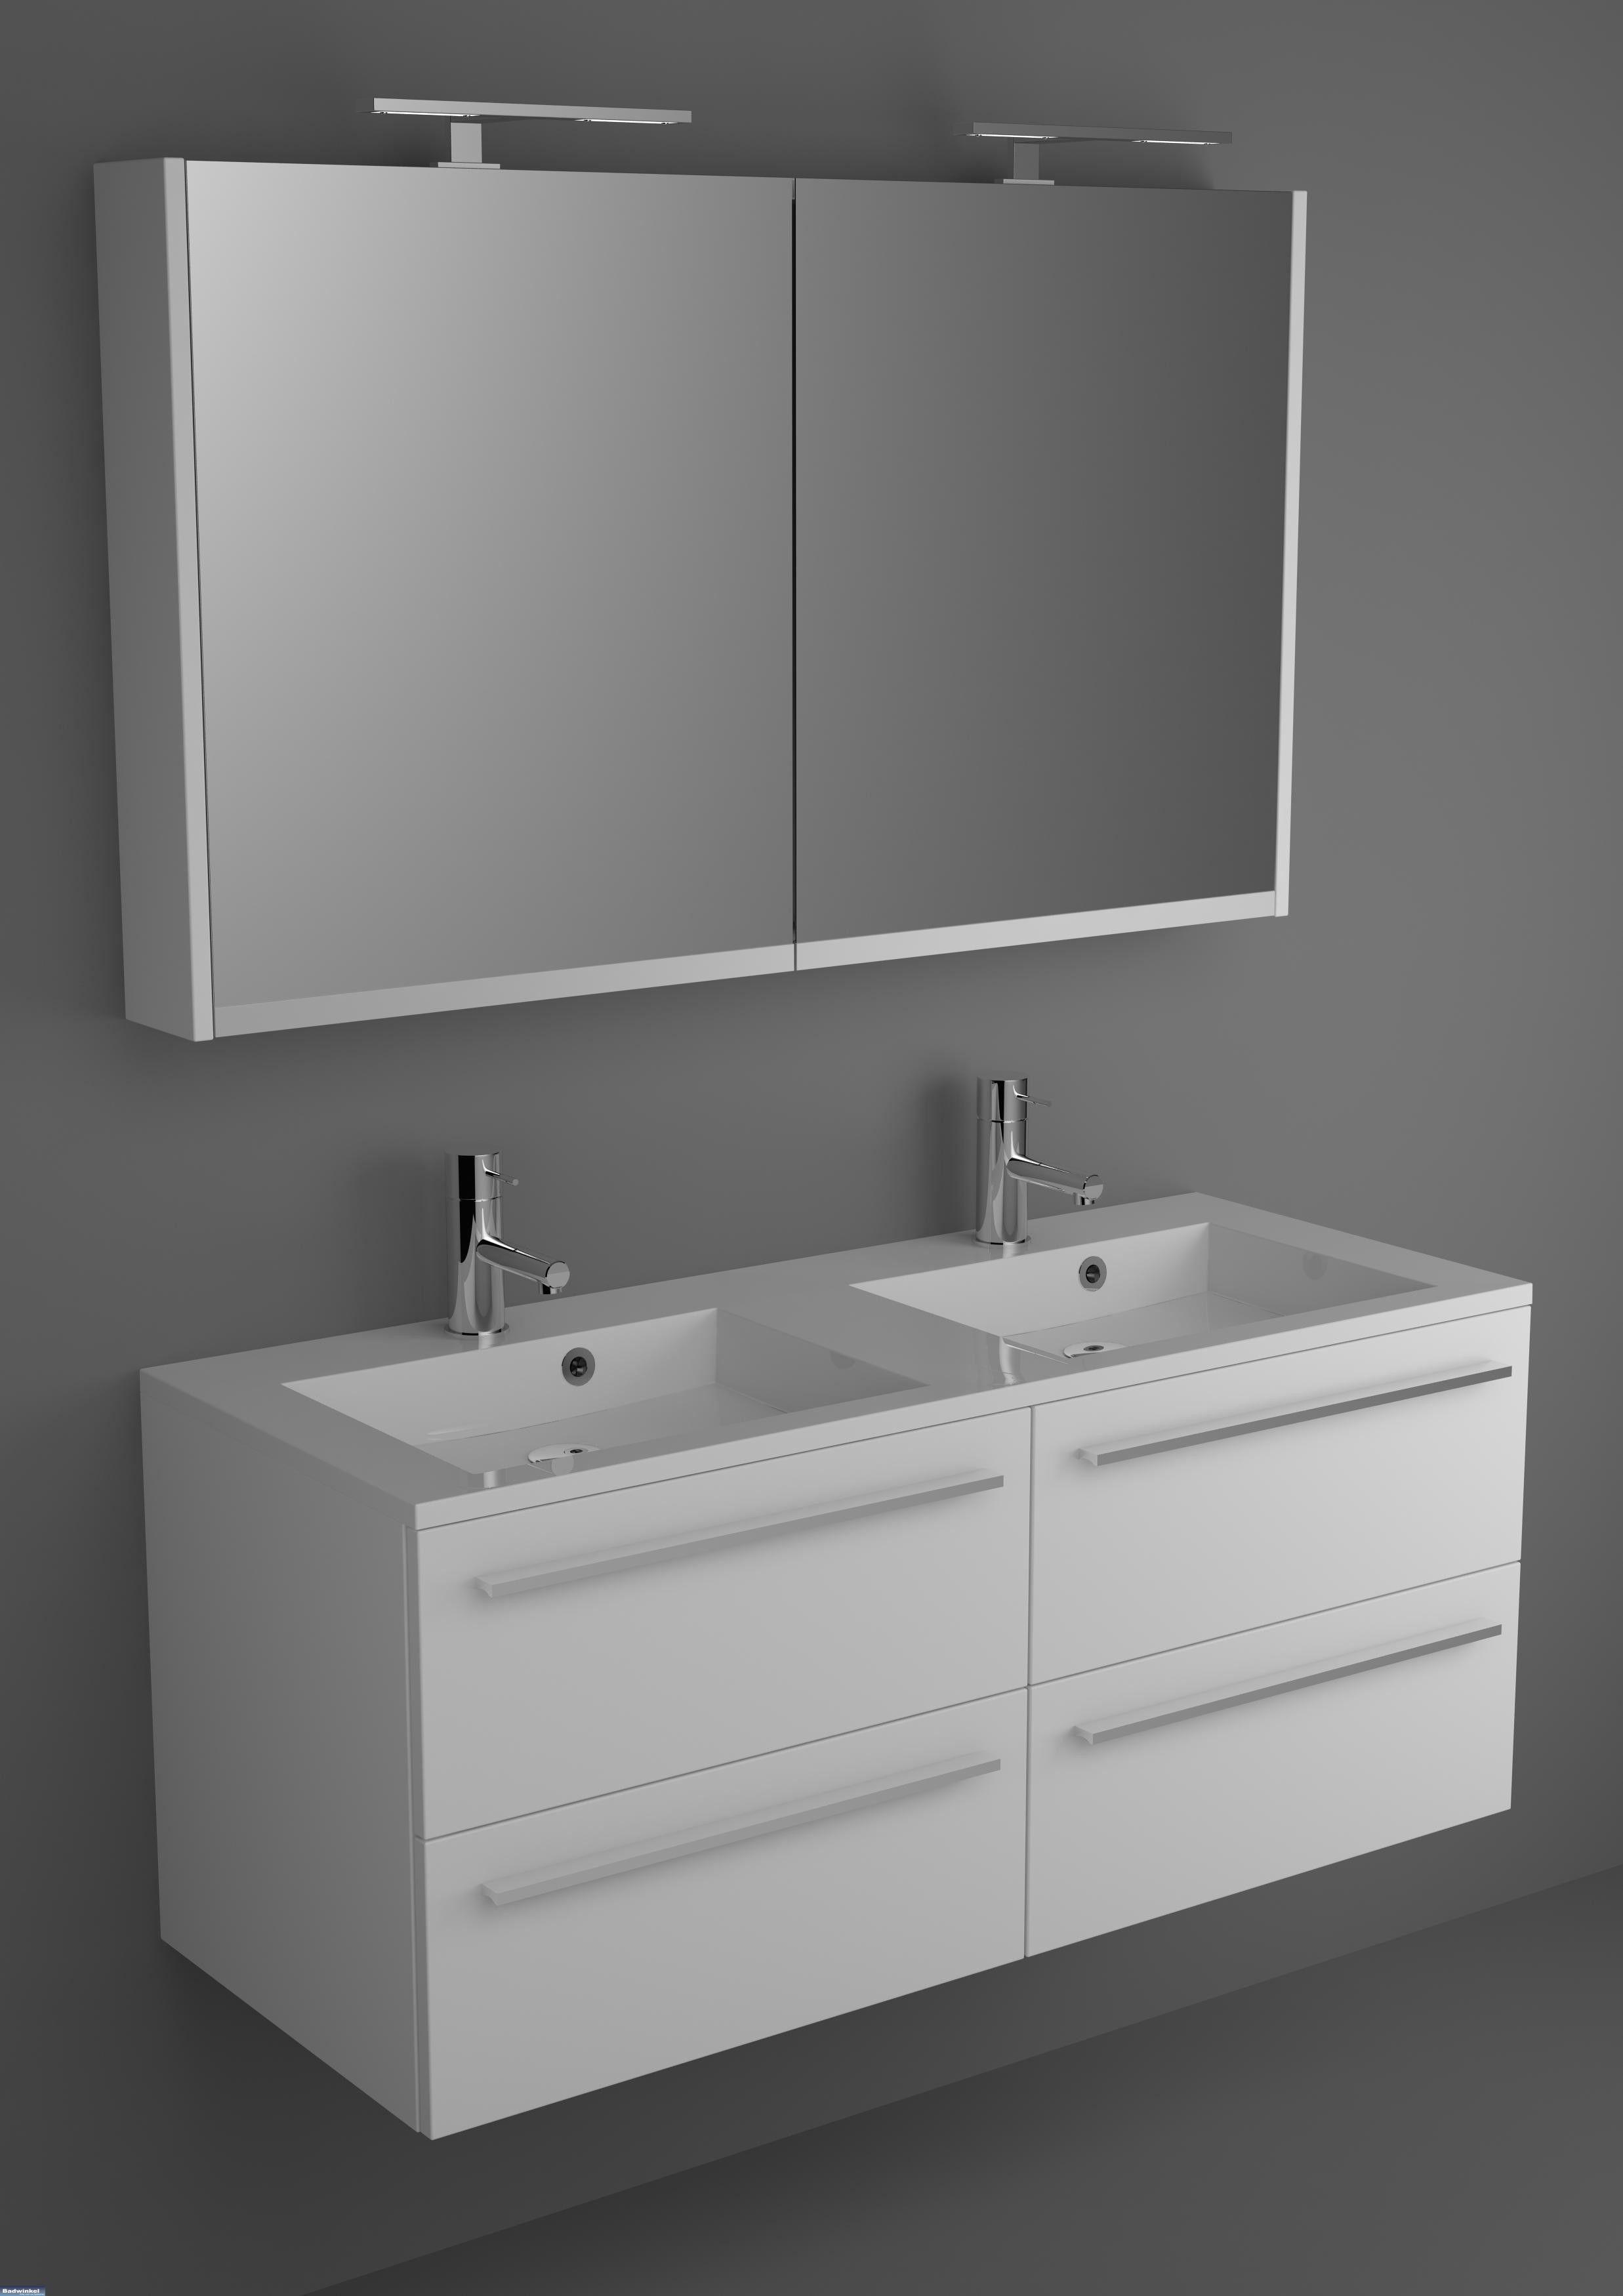 Riho Badkamermeubel Broni 120 cm met spiegelkast en 4 lades | Bad ...